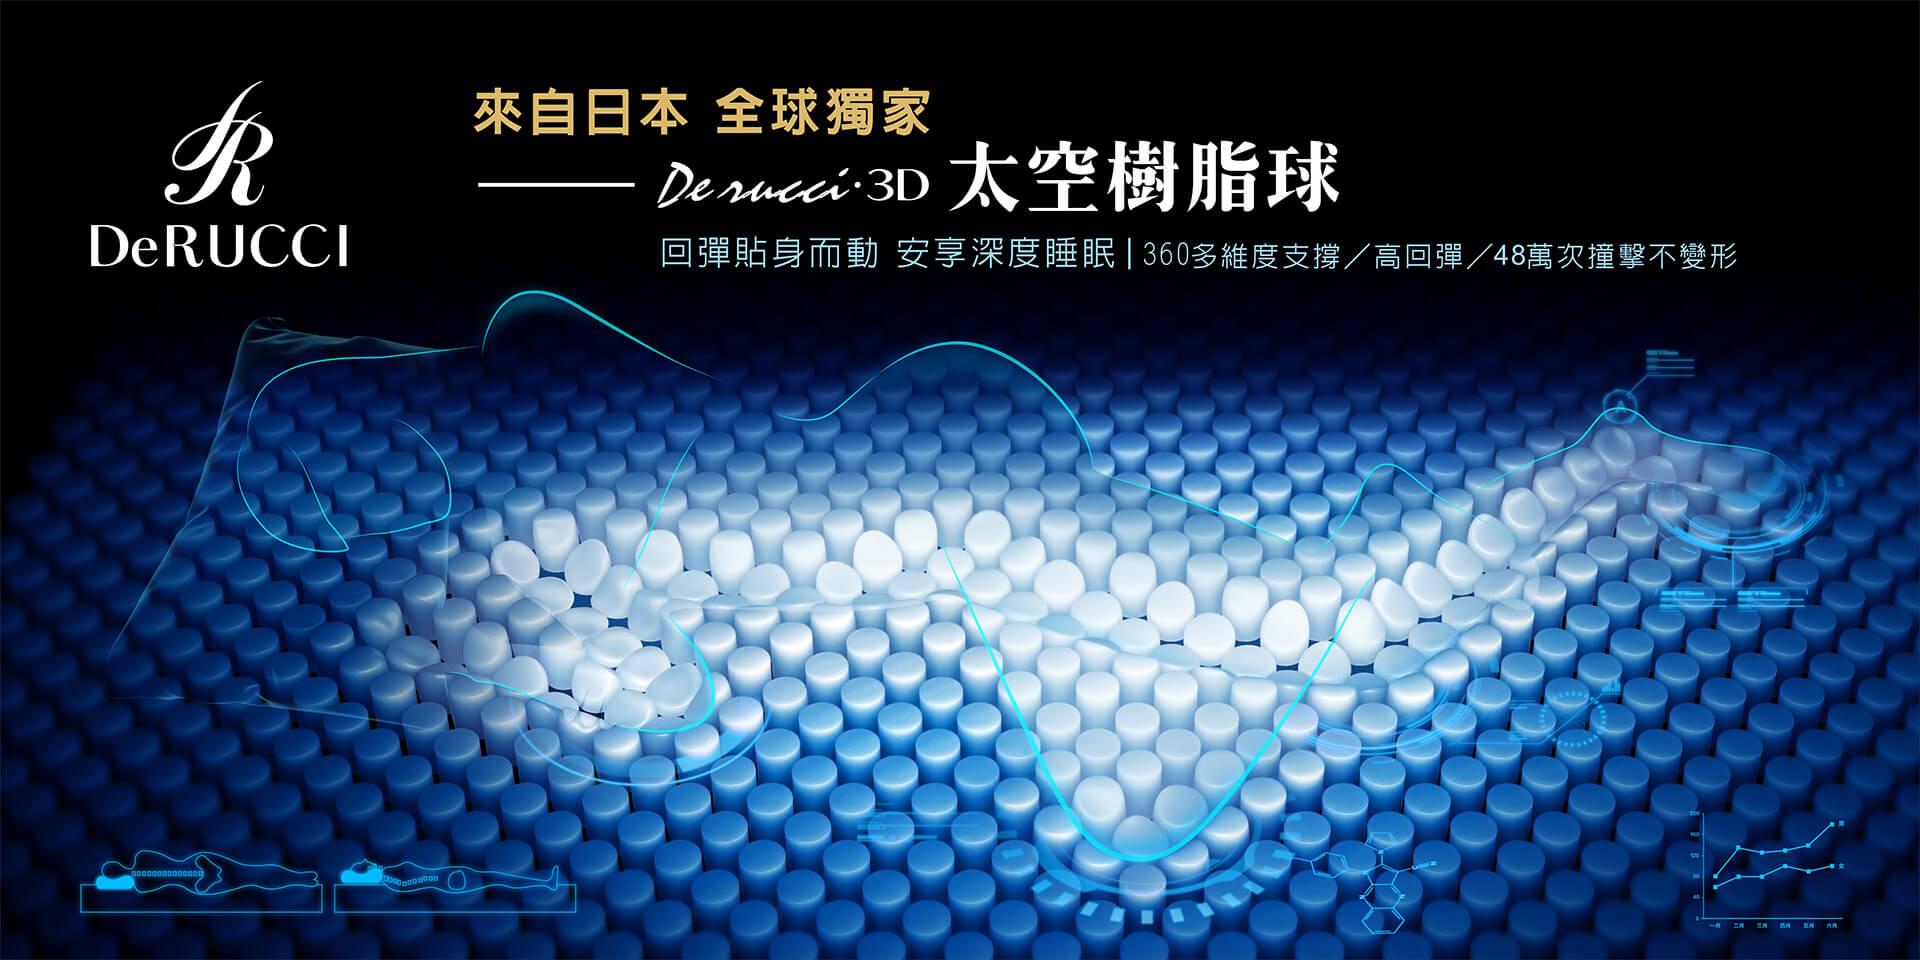 DeRUCCI 3D太空樹脂球床墊科技